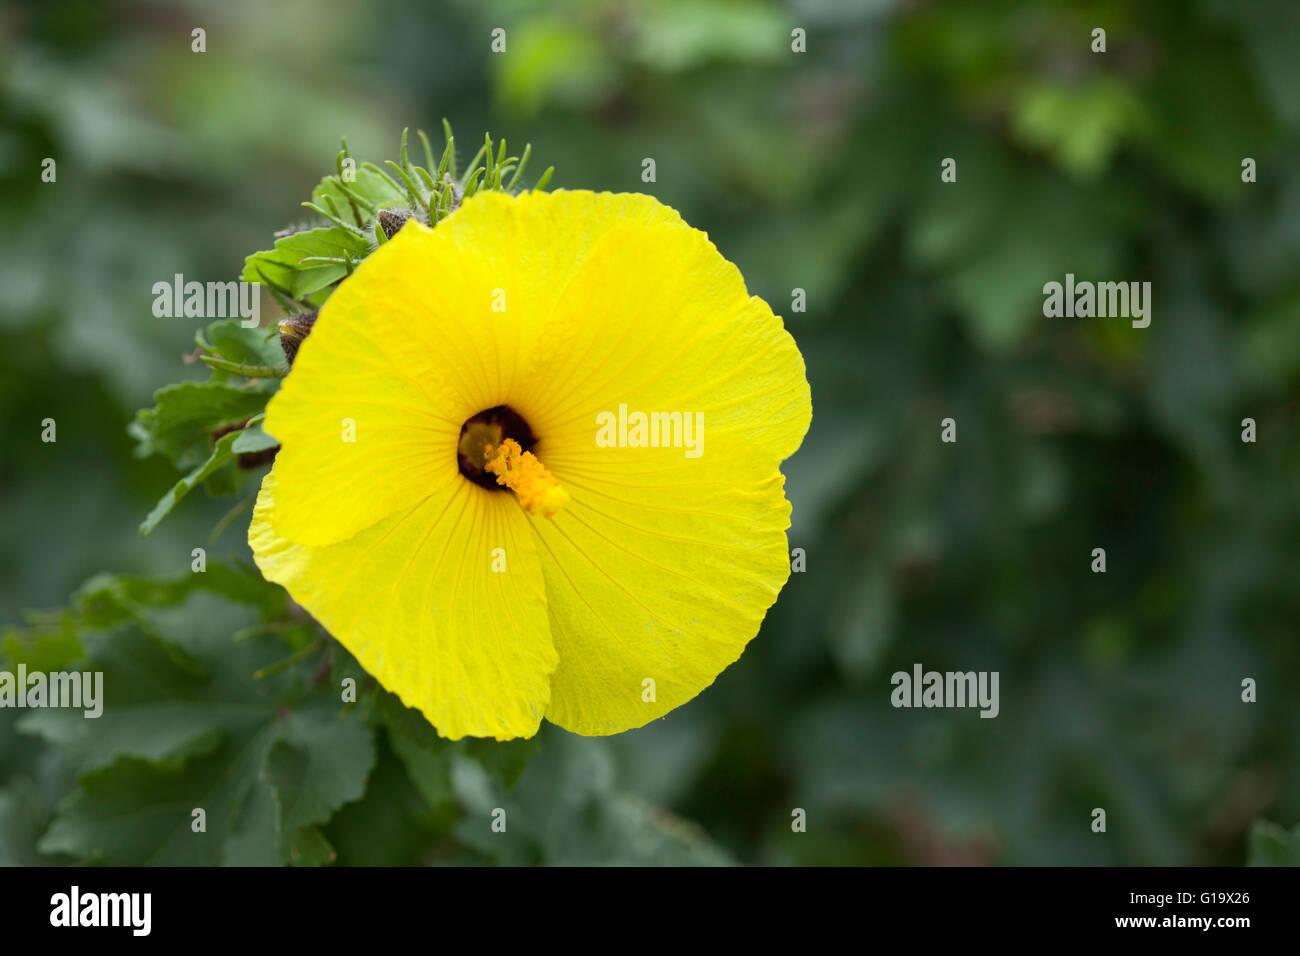 Native hawaiian yellow hibiscus brackenridgei mao hau hele flower native hawaiian yellow hibiscus brackenridgei mao hau hele flower izmirmasajfo